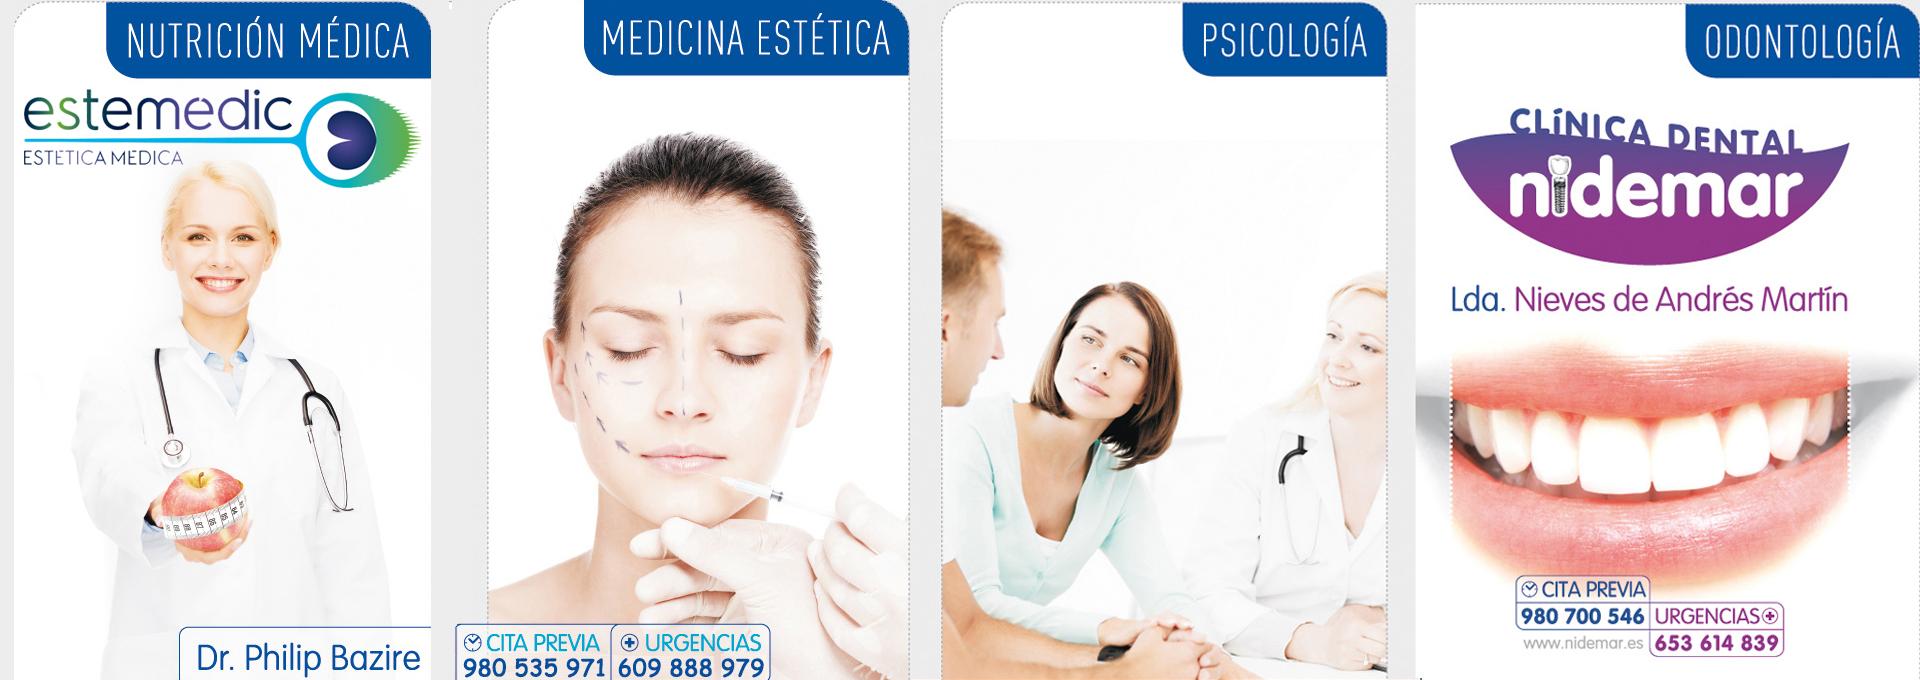 medical-slide-21